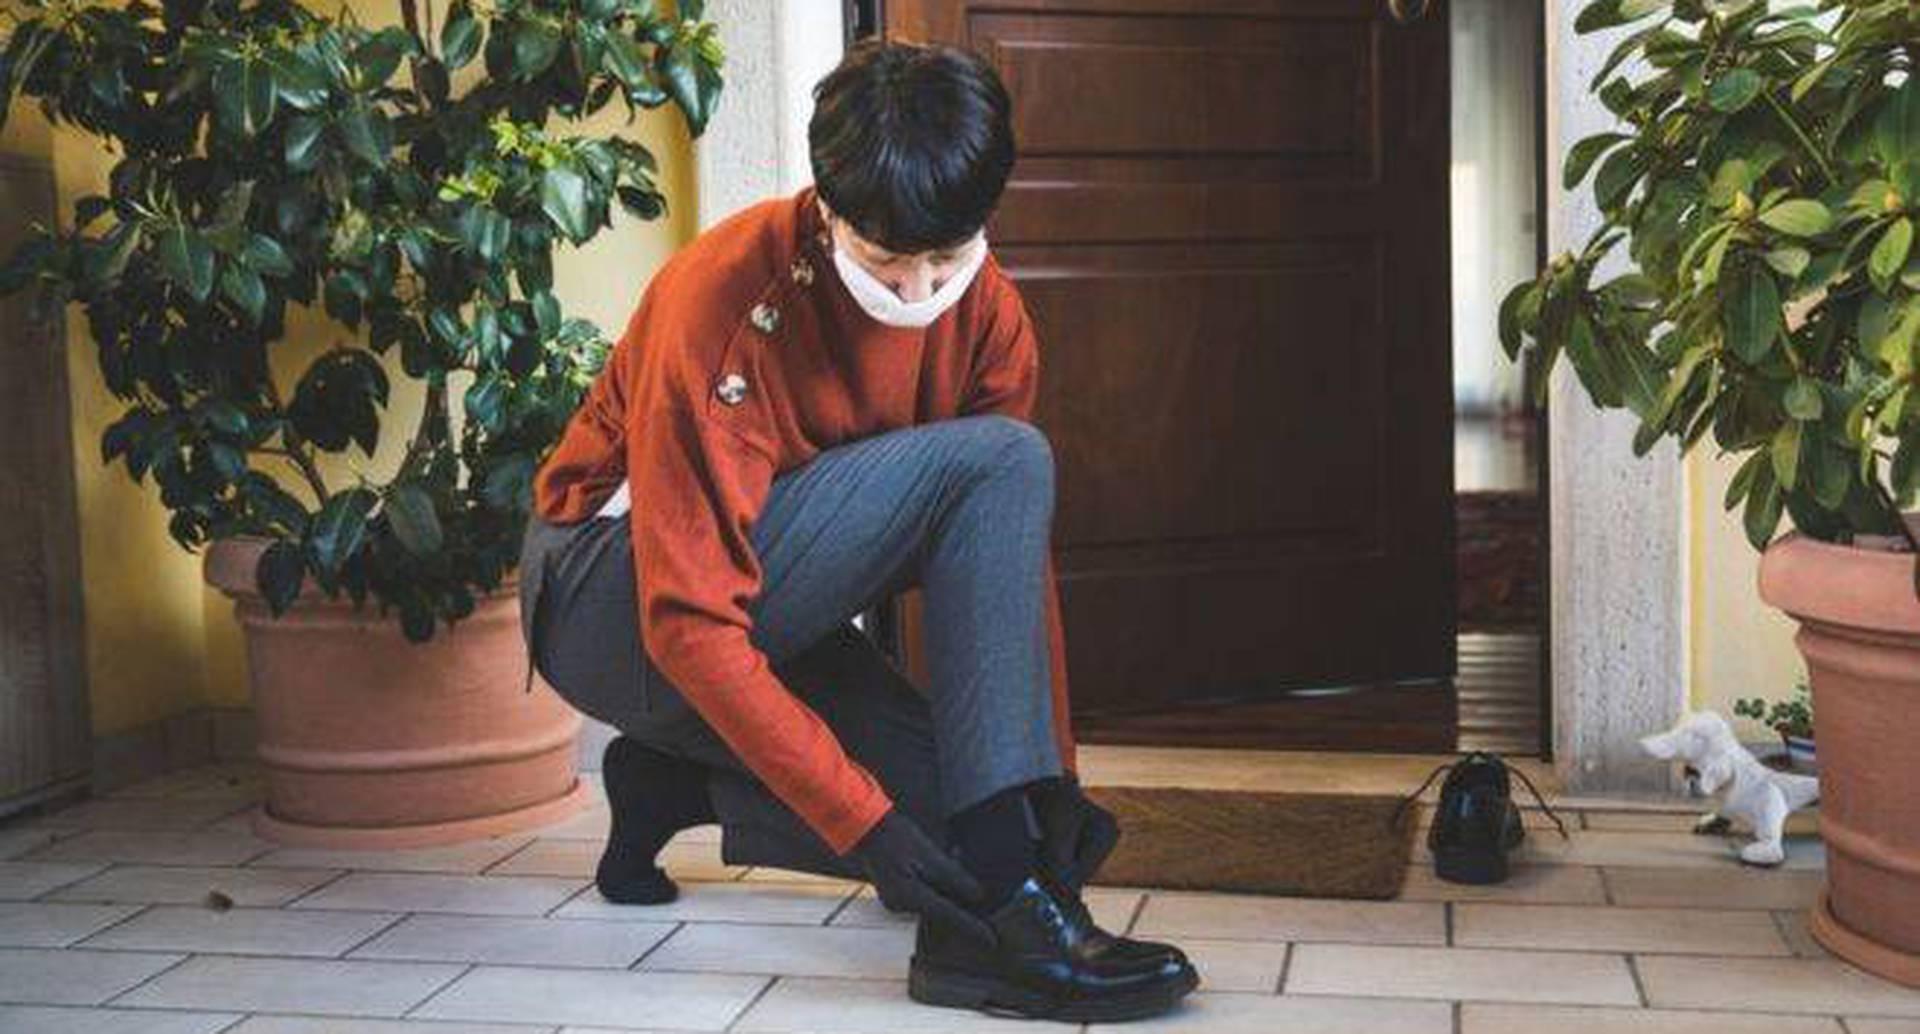 Debido al coronavirus, algunas personas han considerado quitarse los zapatos antes de entrar en sus hogares.